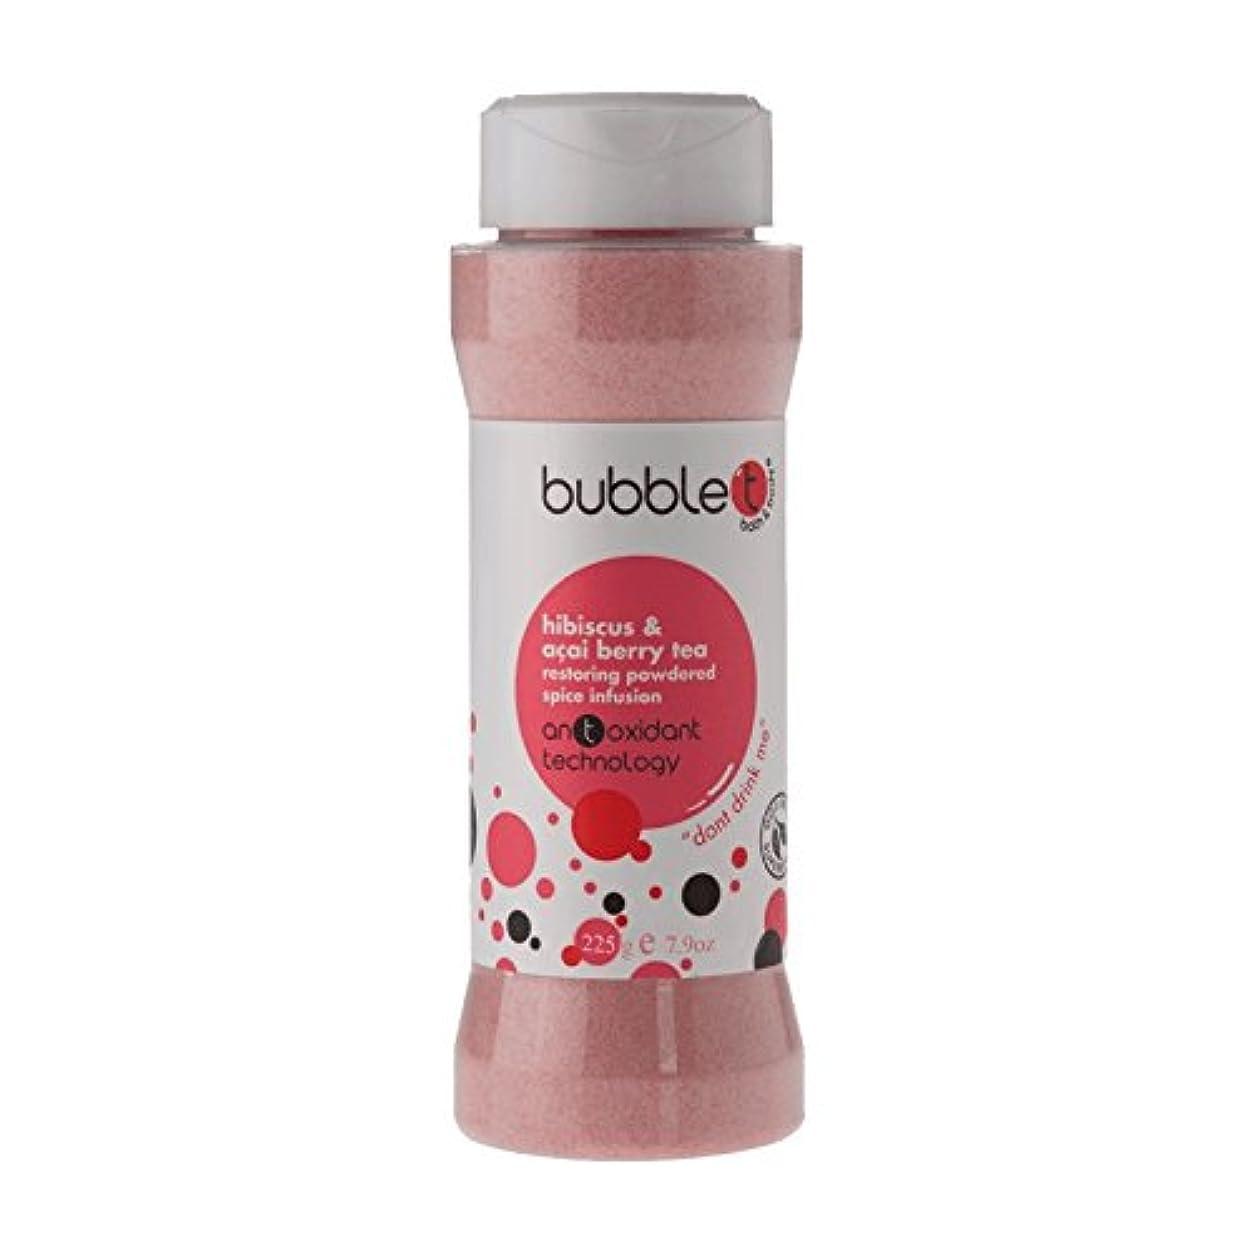 配分検出可能立ち寄るバブルトン風呂スパイス注入ハイビスカス&アサイベリー茶225グラム - Bubble T Bath Spice Infusion Hibiscus & Acai Berry Tea 225g (Bubble T) [並行輸入品]